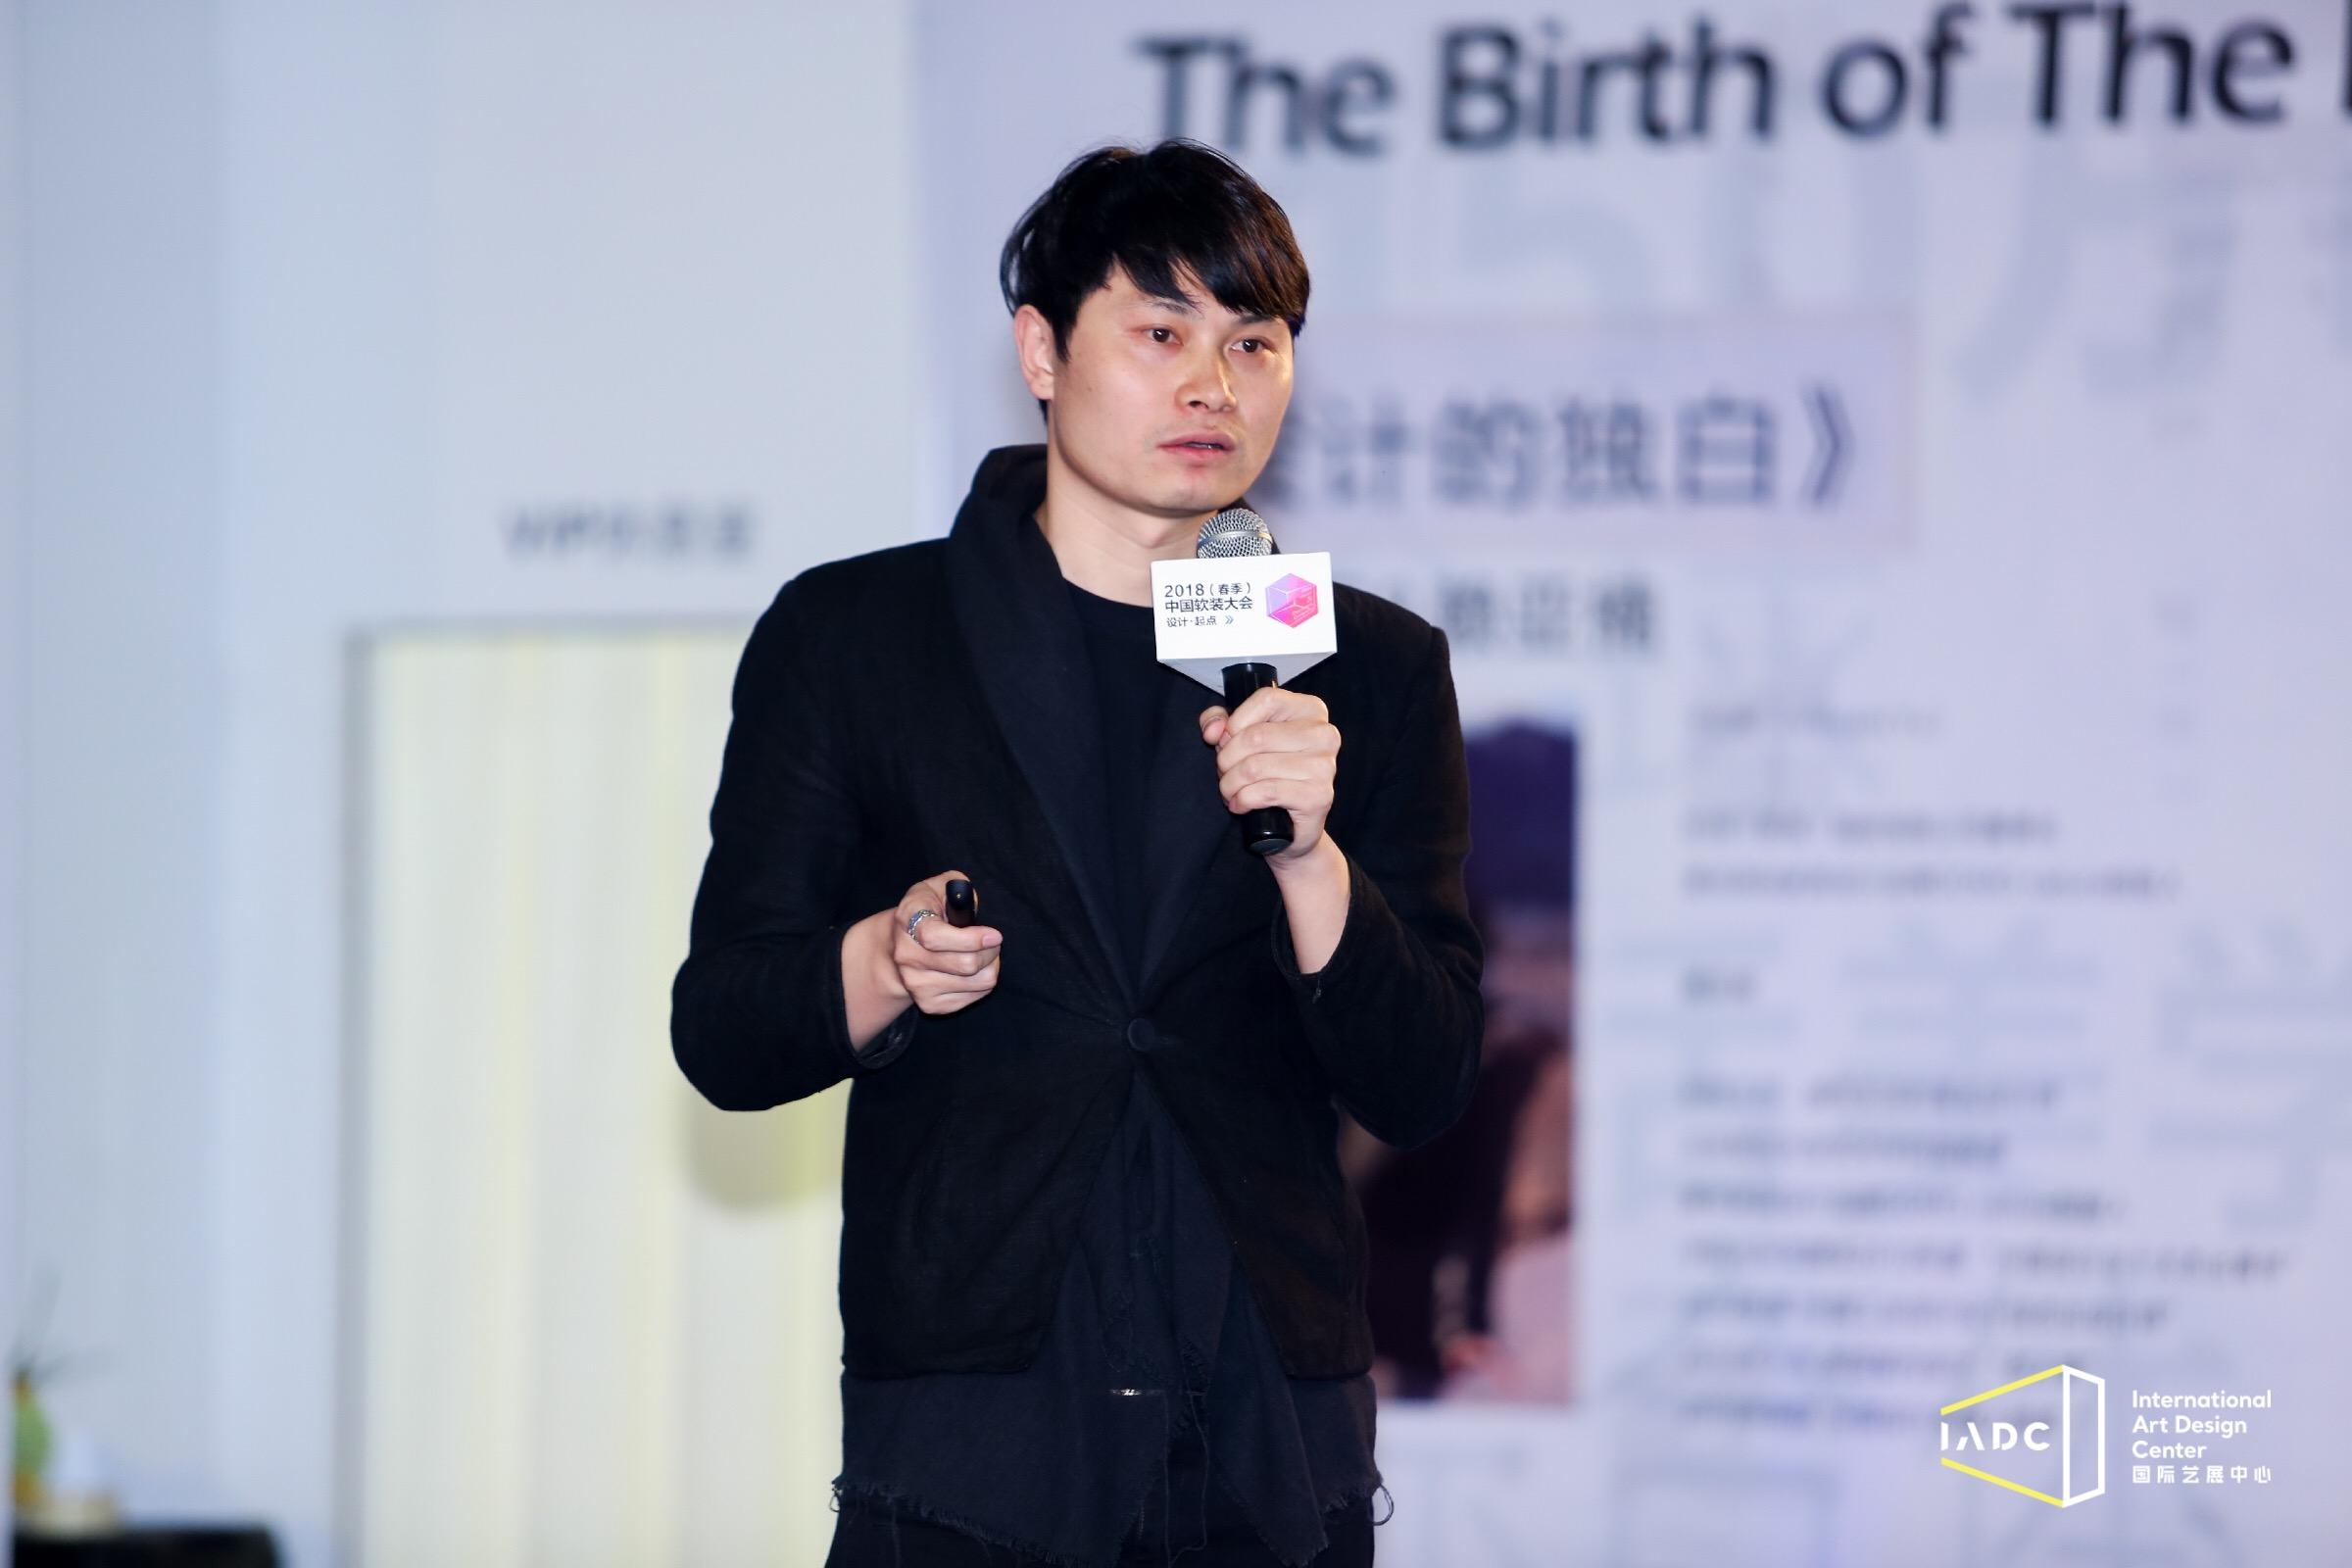 简末设计家具品牌创始人王鸿与张沙带来了《设计之灵 生活之源》的主题分享。